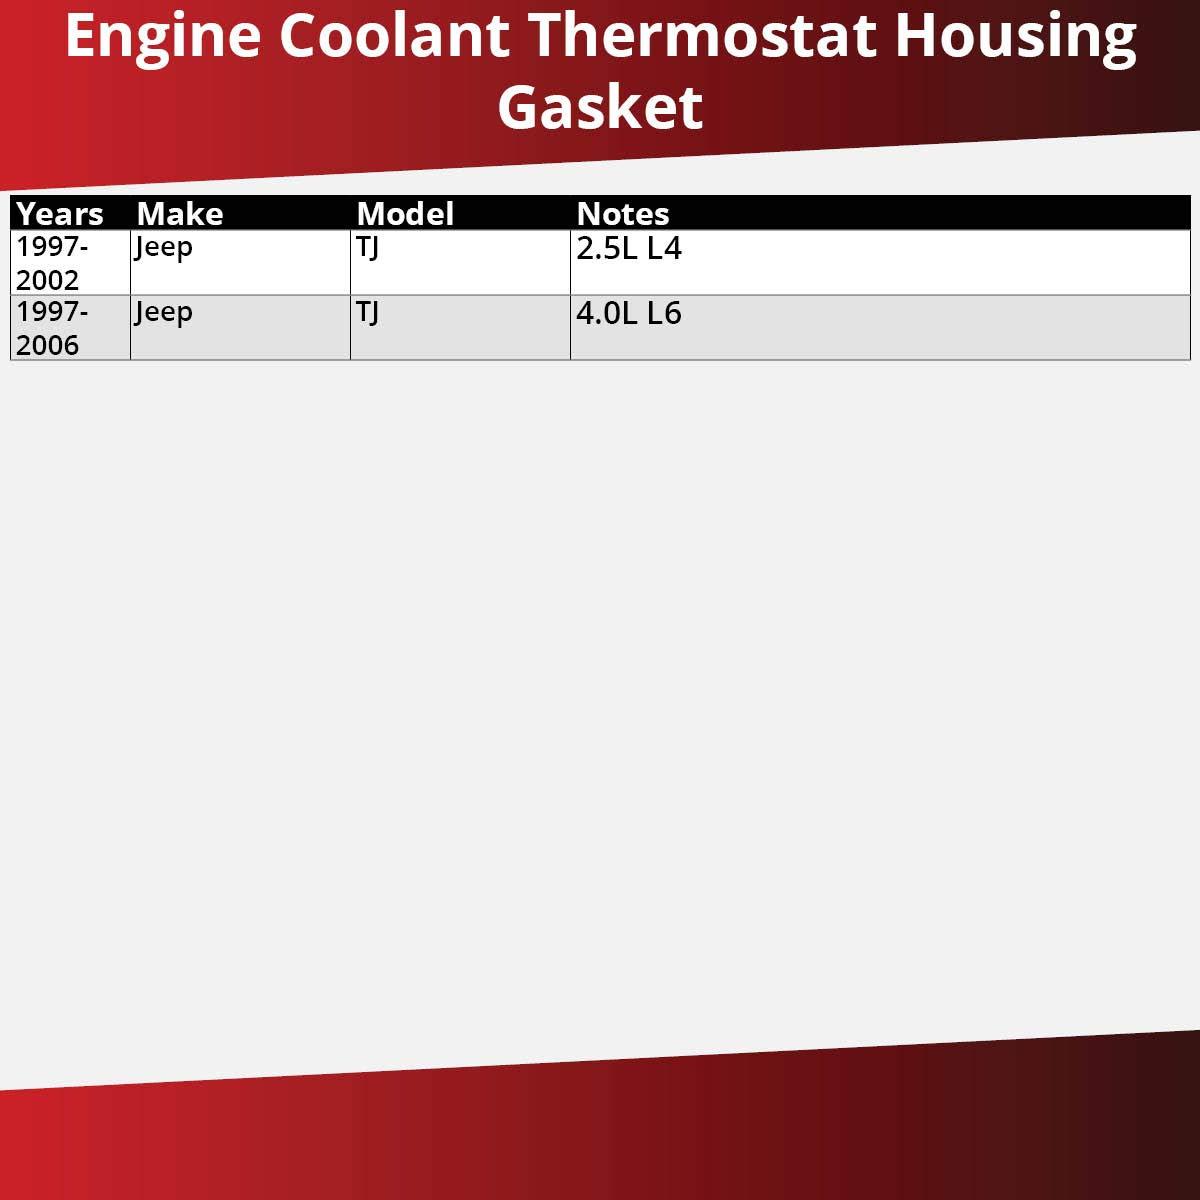 Antifreeze Coolant Engine Radiator Pump Gates Coolant Thermostat Housing Gasket for 1997-2006 Jeep TJ 4.0L L6 2.5L L4